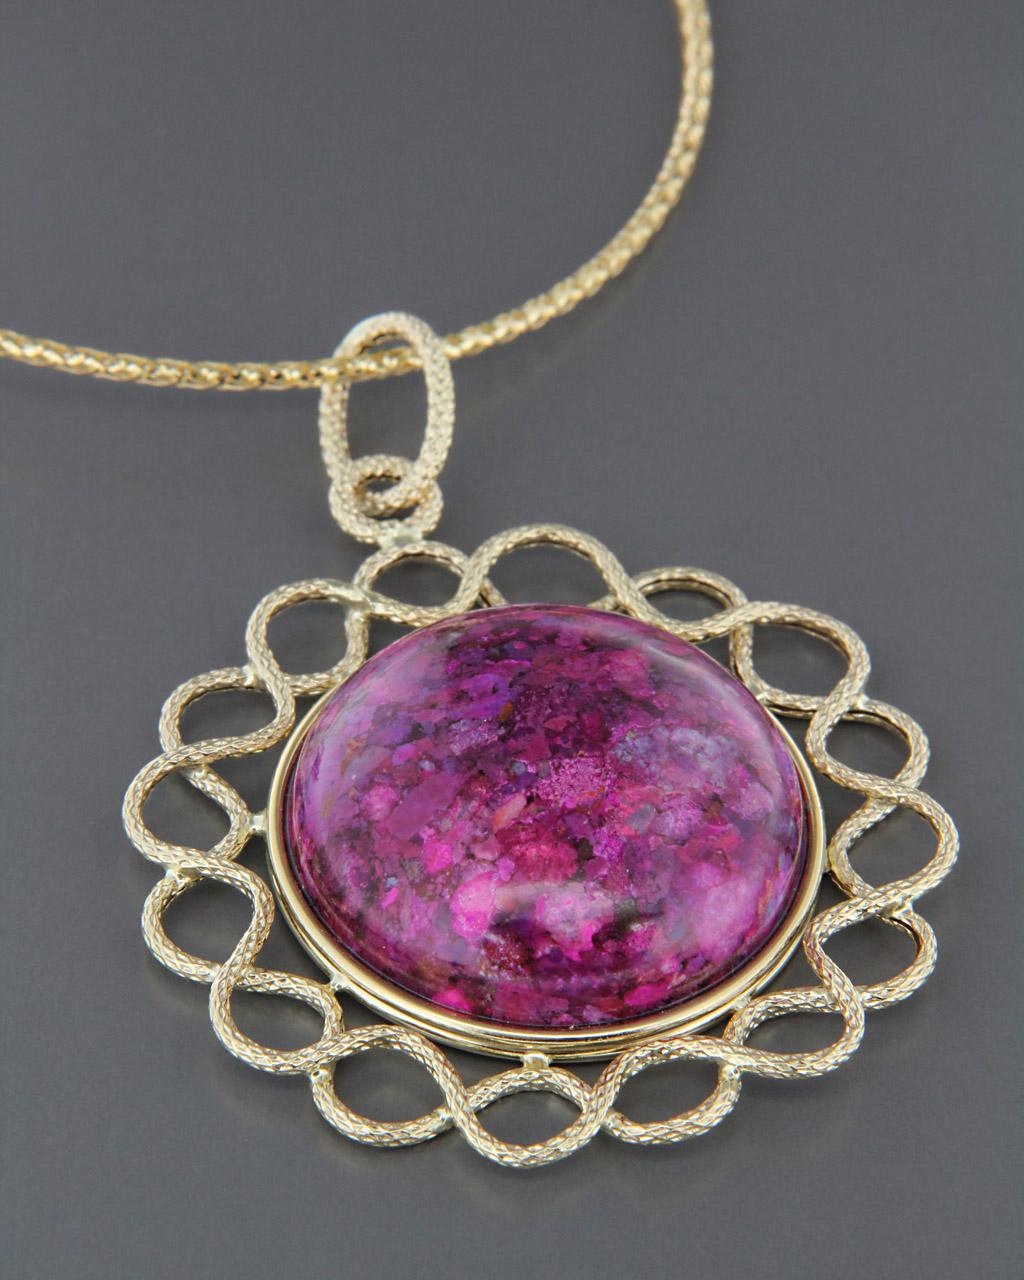 Κρεμαστό χρυσό Κ14 με Coral Stone   ζησε το μυθο δώρα κουμπάρου κουμπαρα